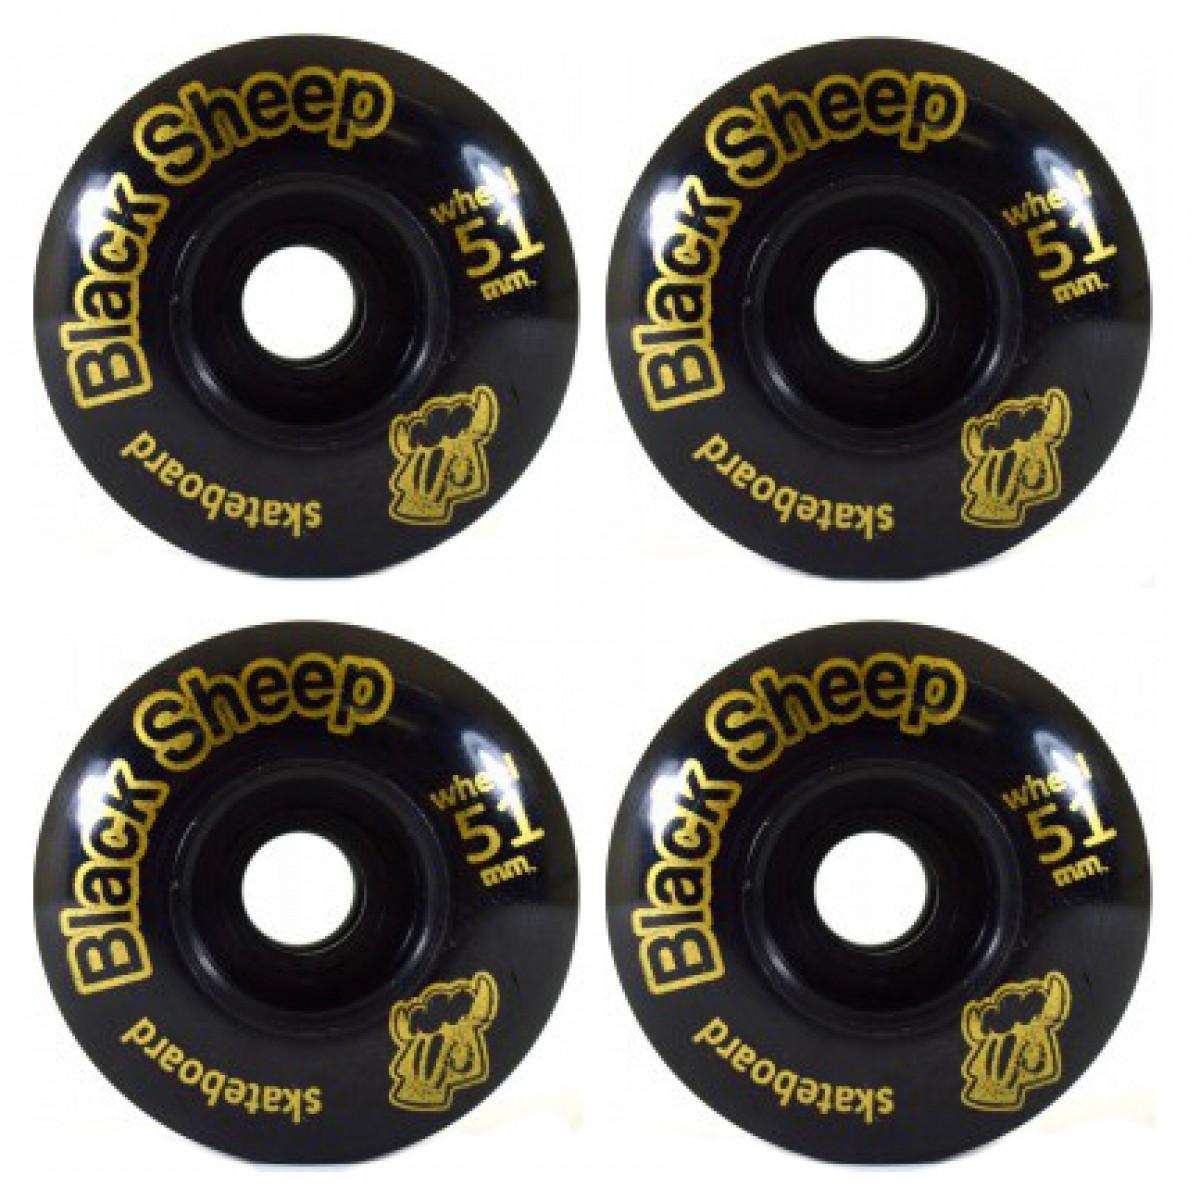 8dc5264de897d Roda Black Sheep Color 3 - Preta 51mm ⎢Skate de Corpo e Alma - Only ...